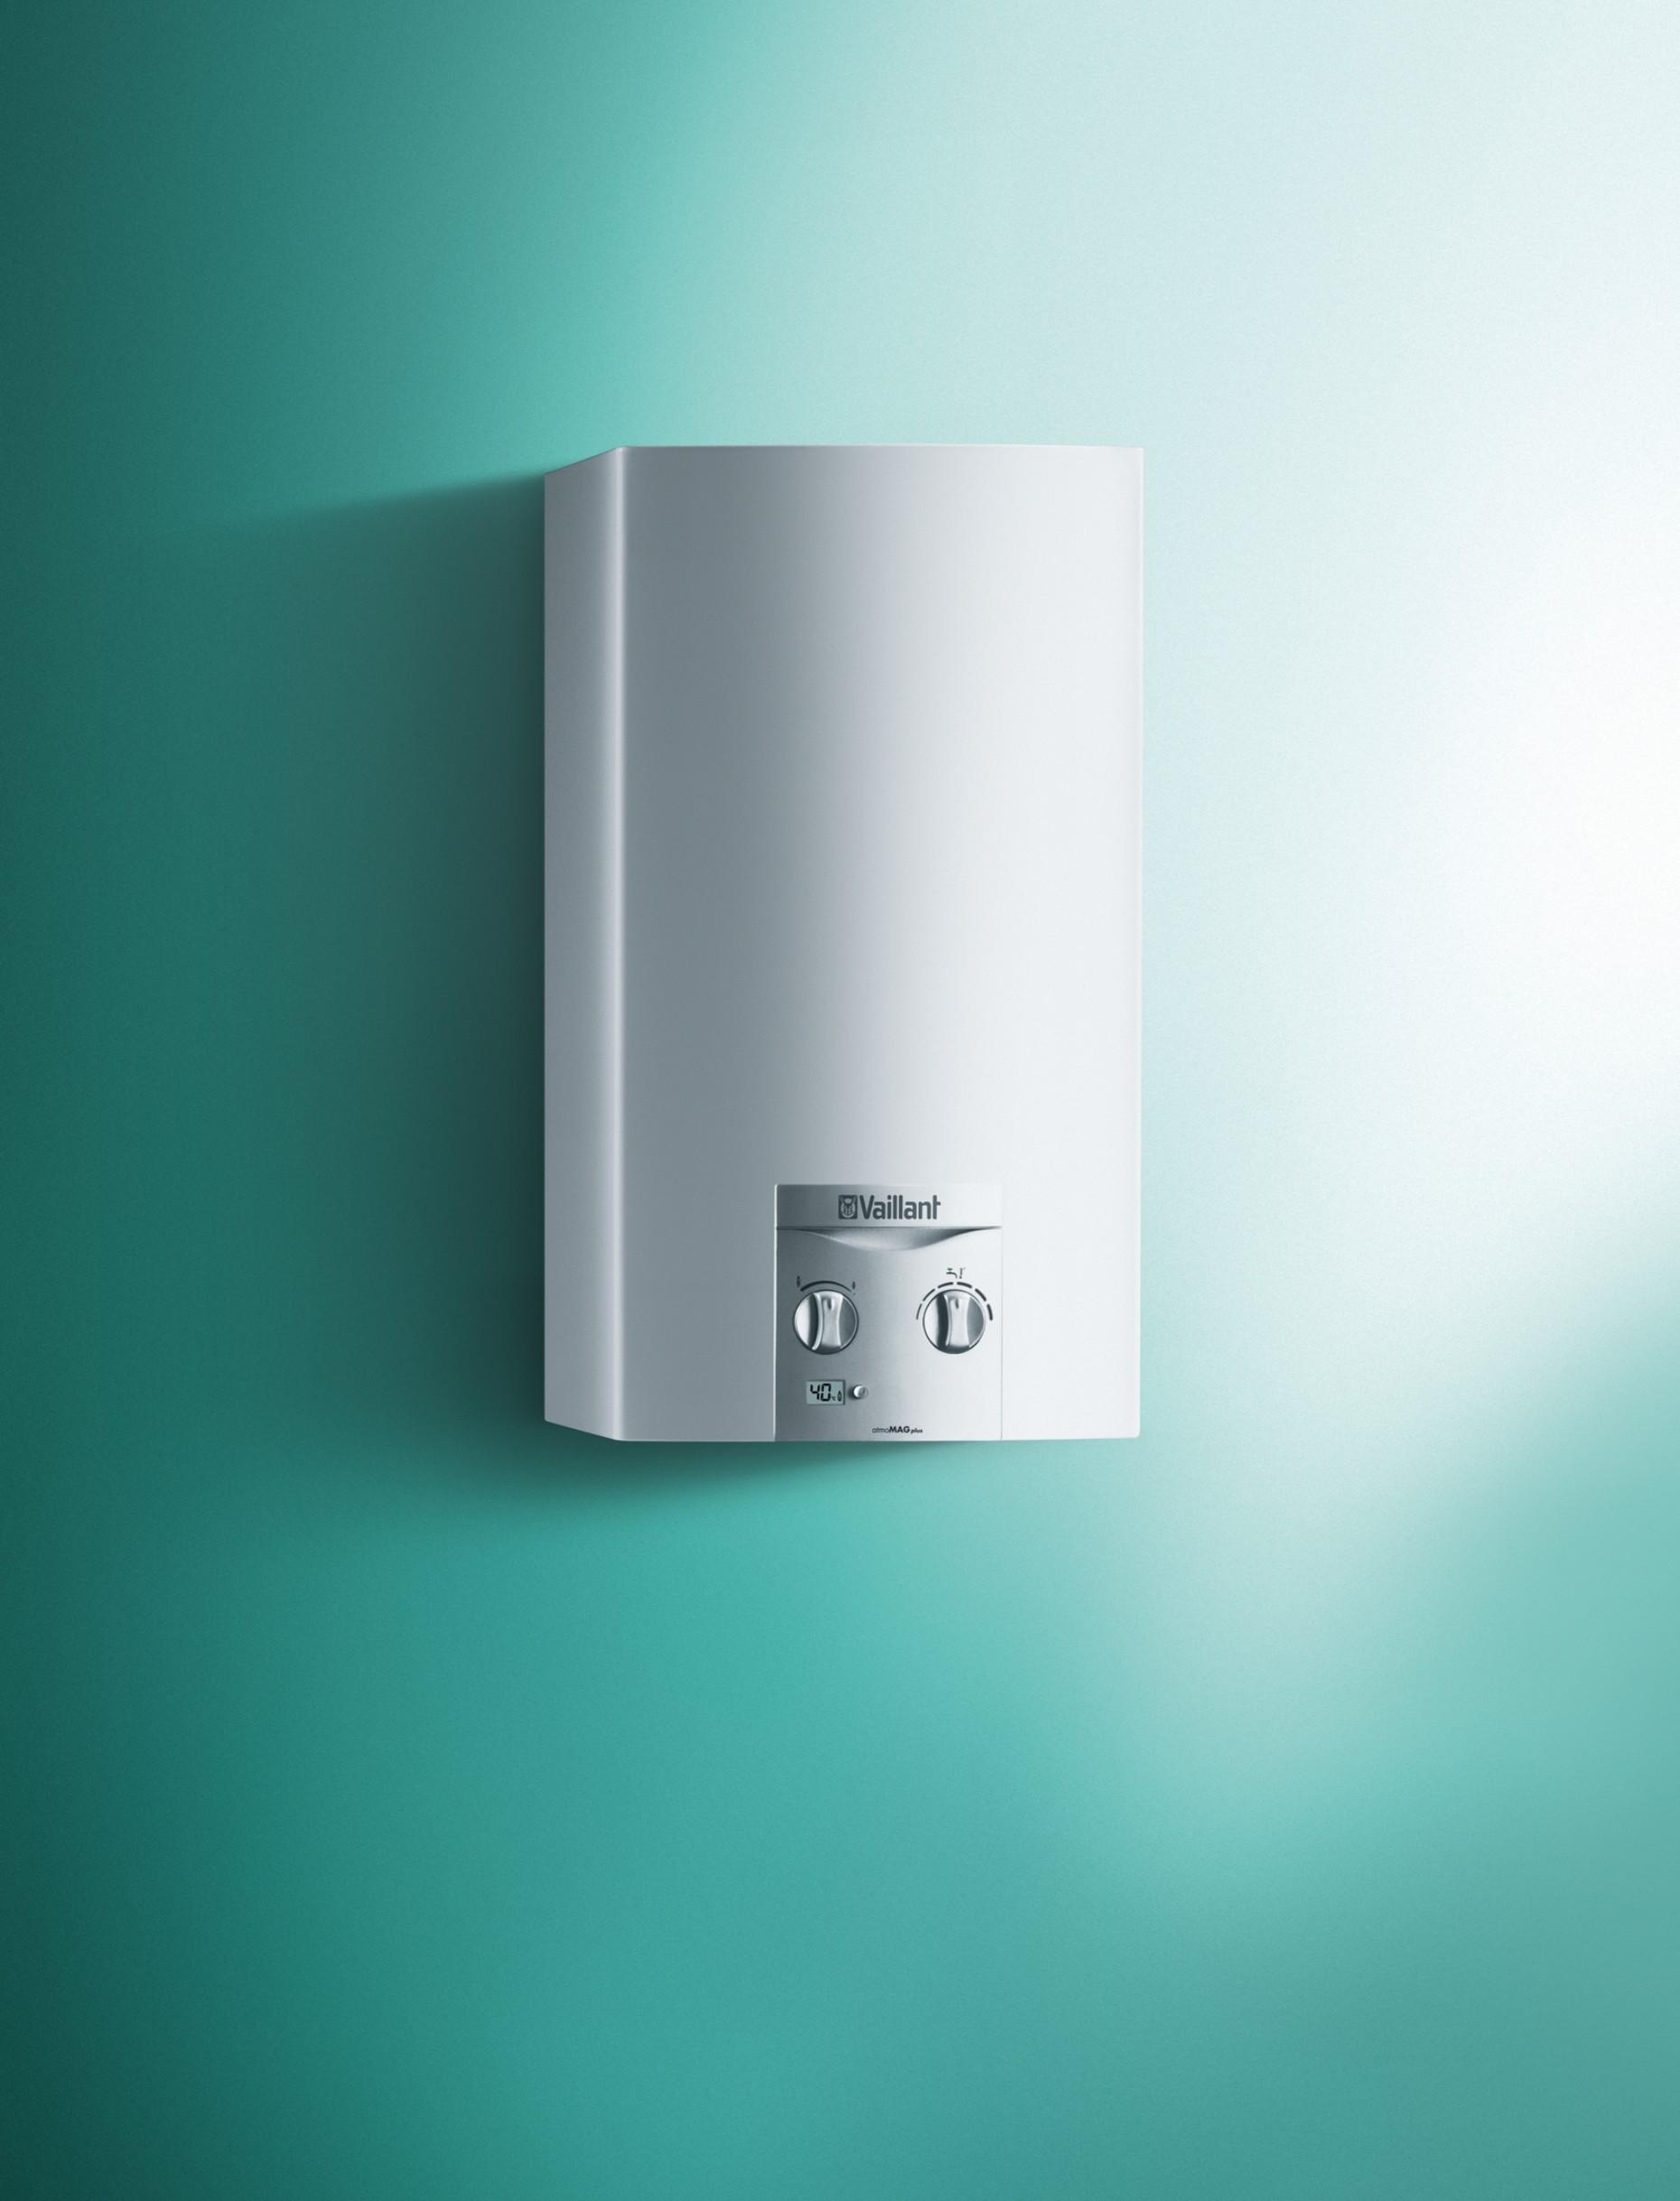 atmomag 11 chauffe eau mural gaz compact pour salle de bains. Black Bedroom Furniture Sets. Home Design Ideas